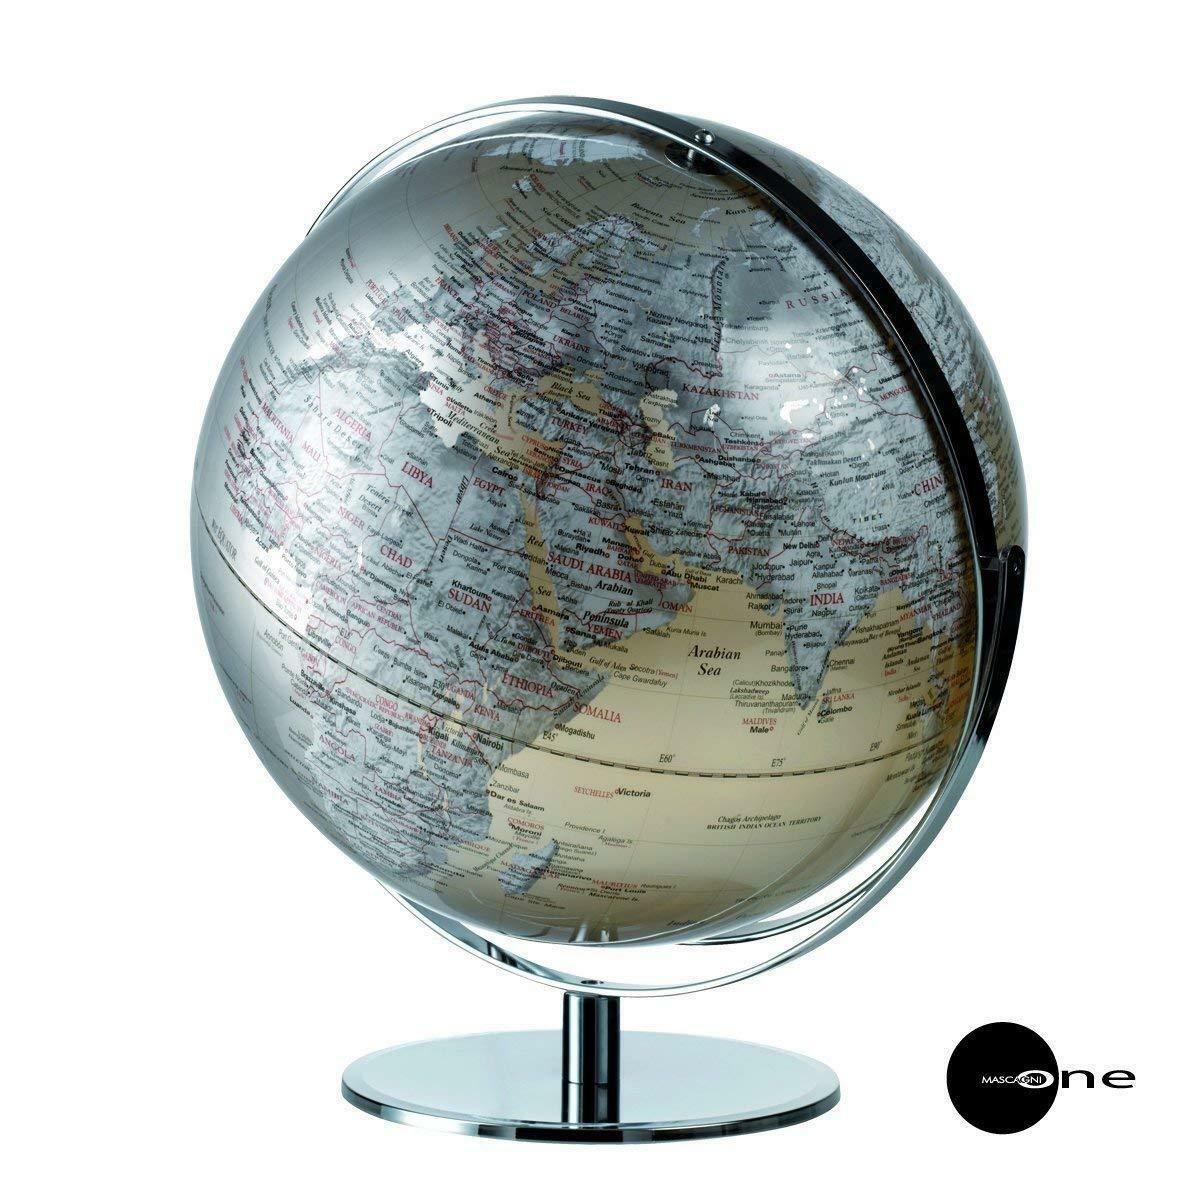 Mappamondo Mascagni in plastica con catene montuose sollievo globo 0614